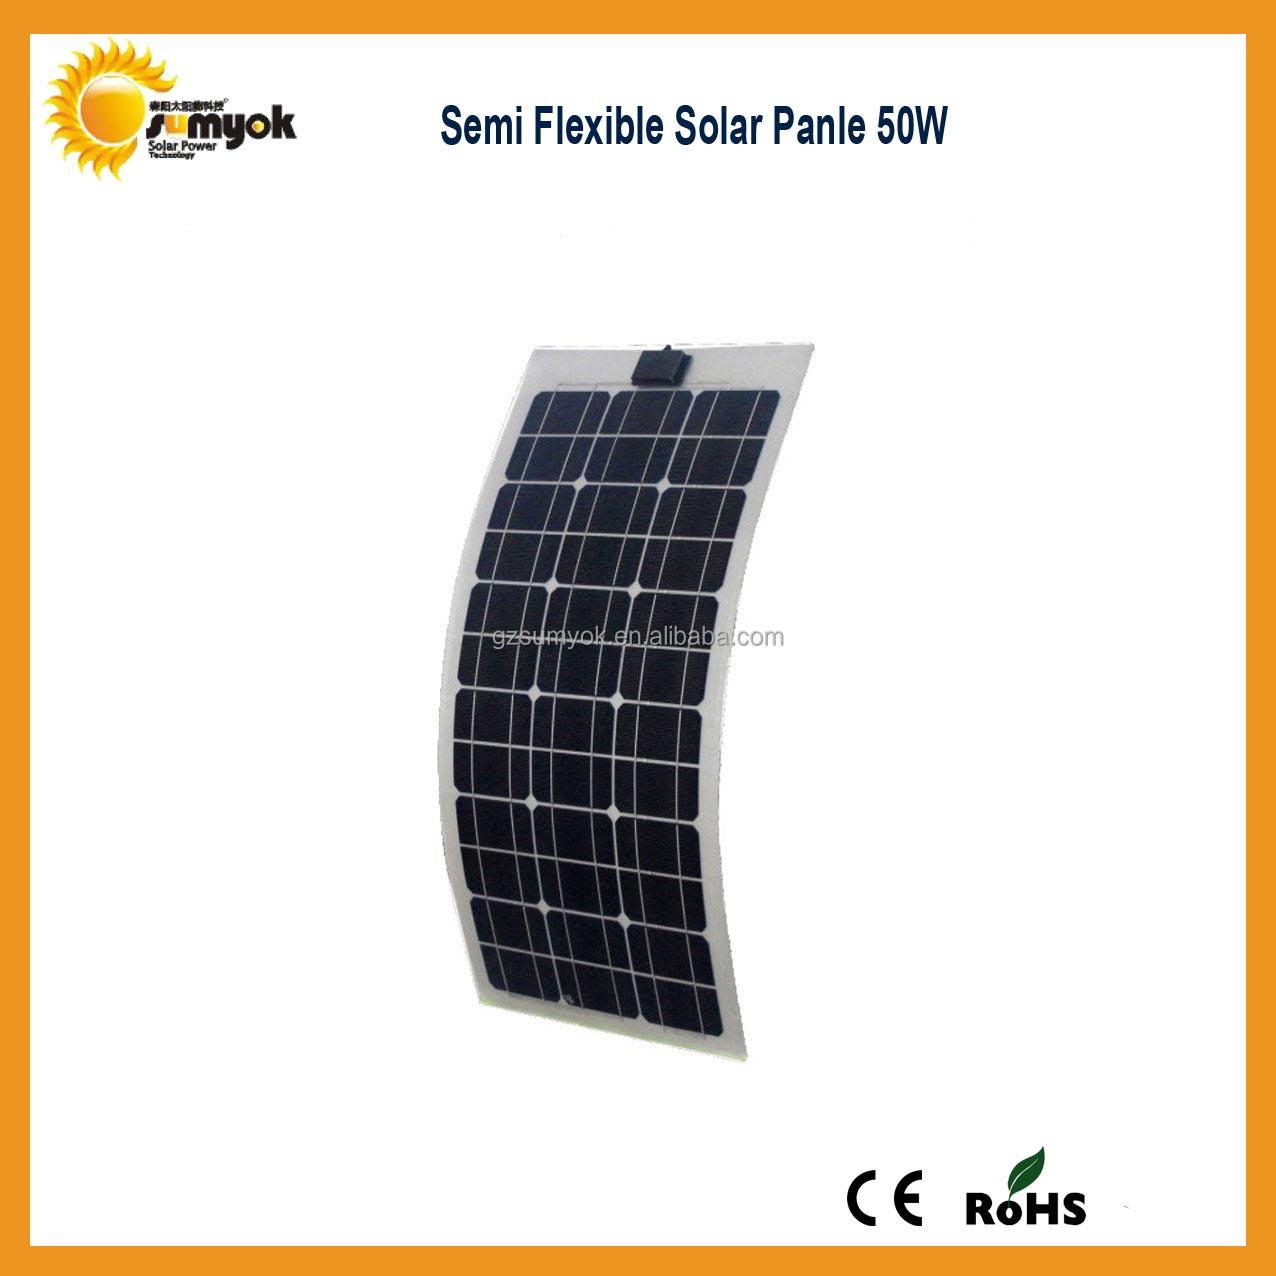 50 w flexible rv panneau solaire syst me semi flexible panneau solaire avec mono cellules. Black Bedroom Furniture Sets. Home Design Ideas